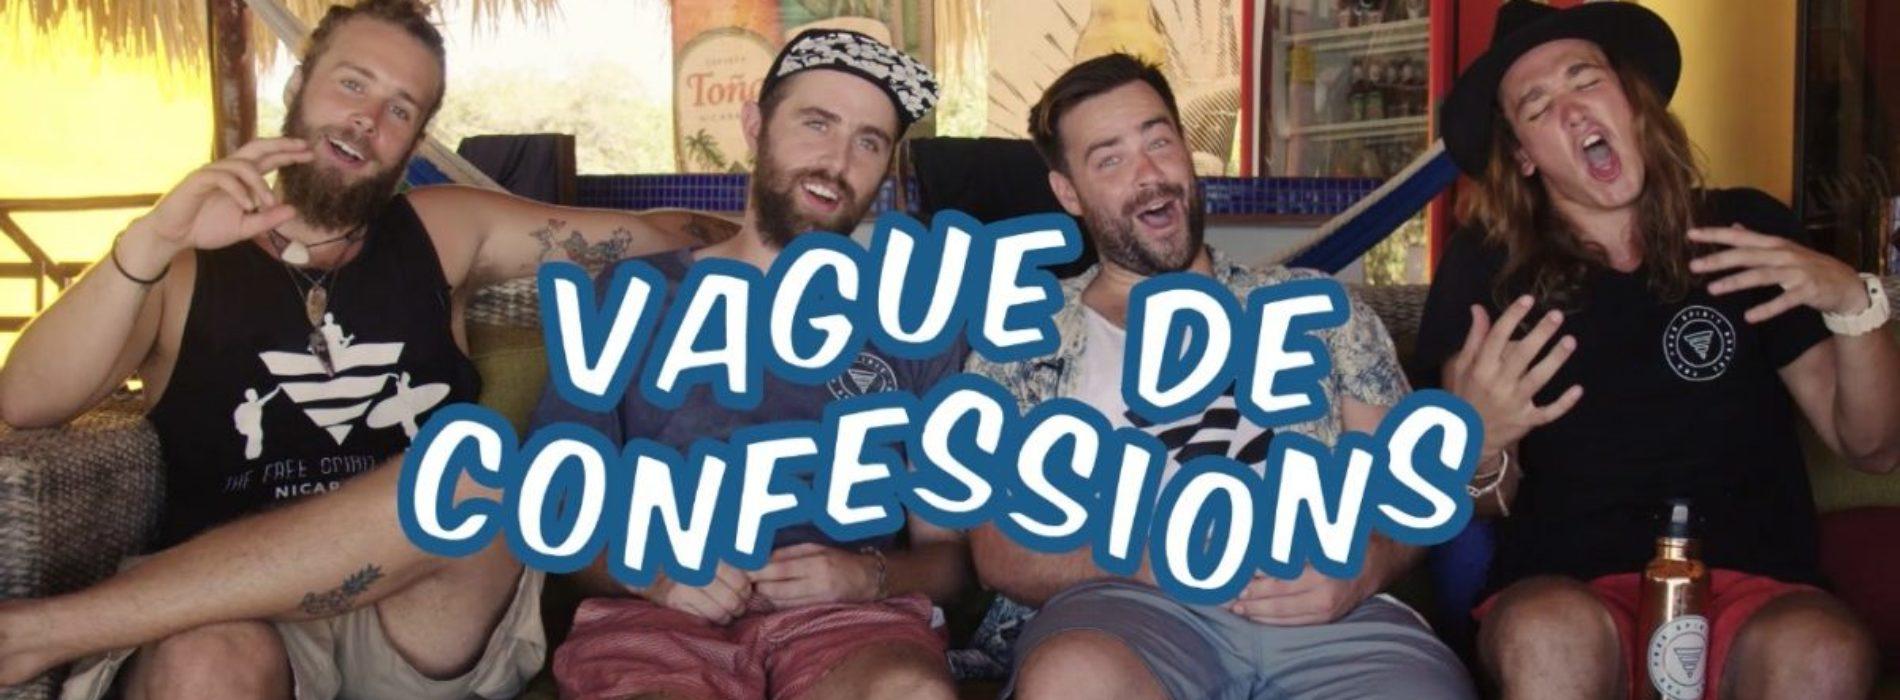 Vague de confessions : Karl, Vincent, Félix et Antoine du Free Spirit Hostel